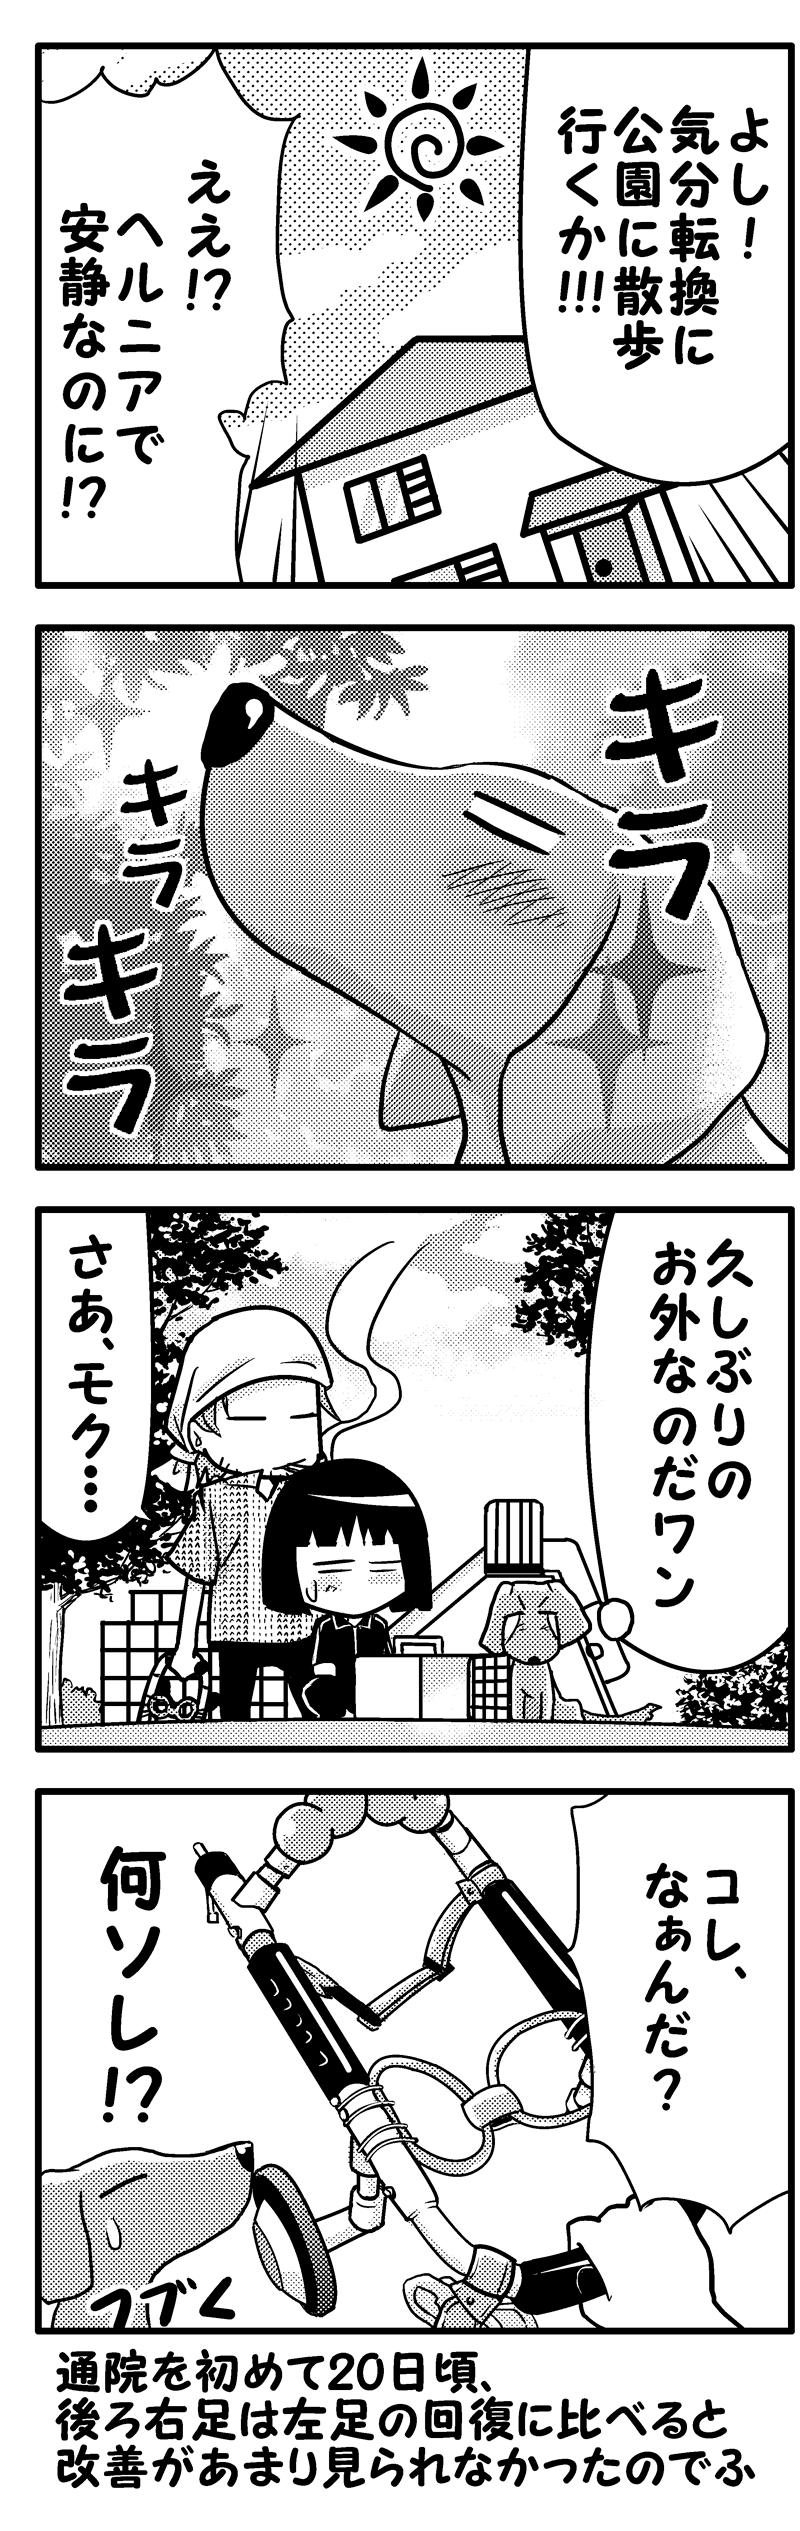 モク闘病日記8後